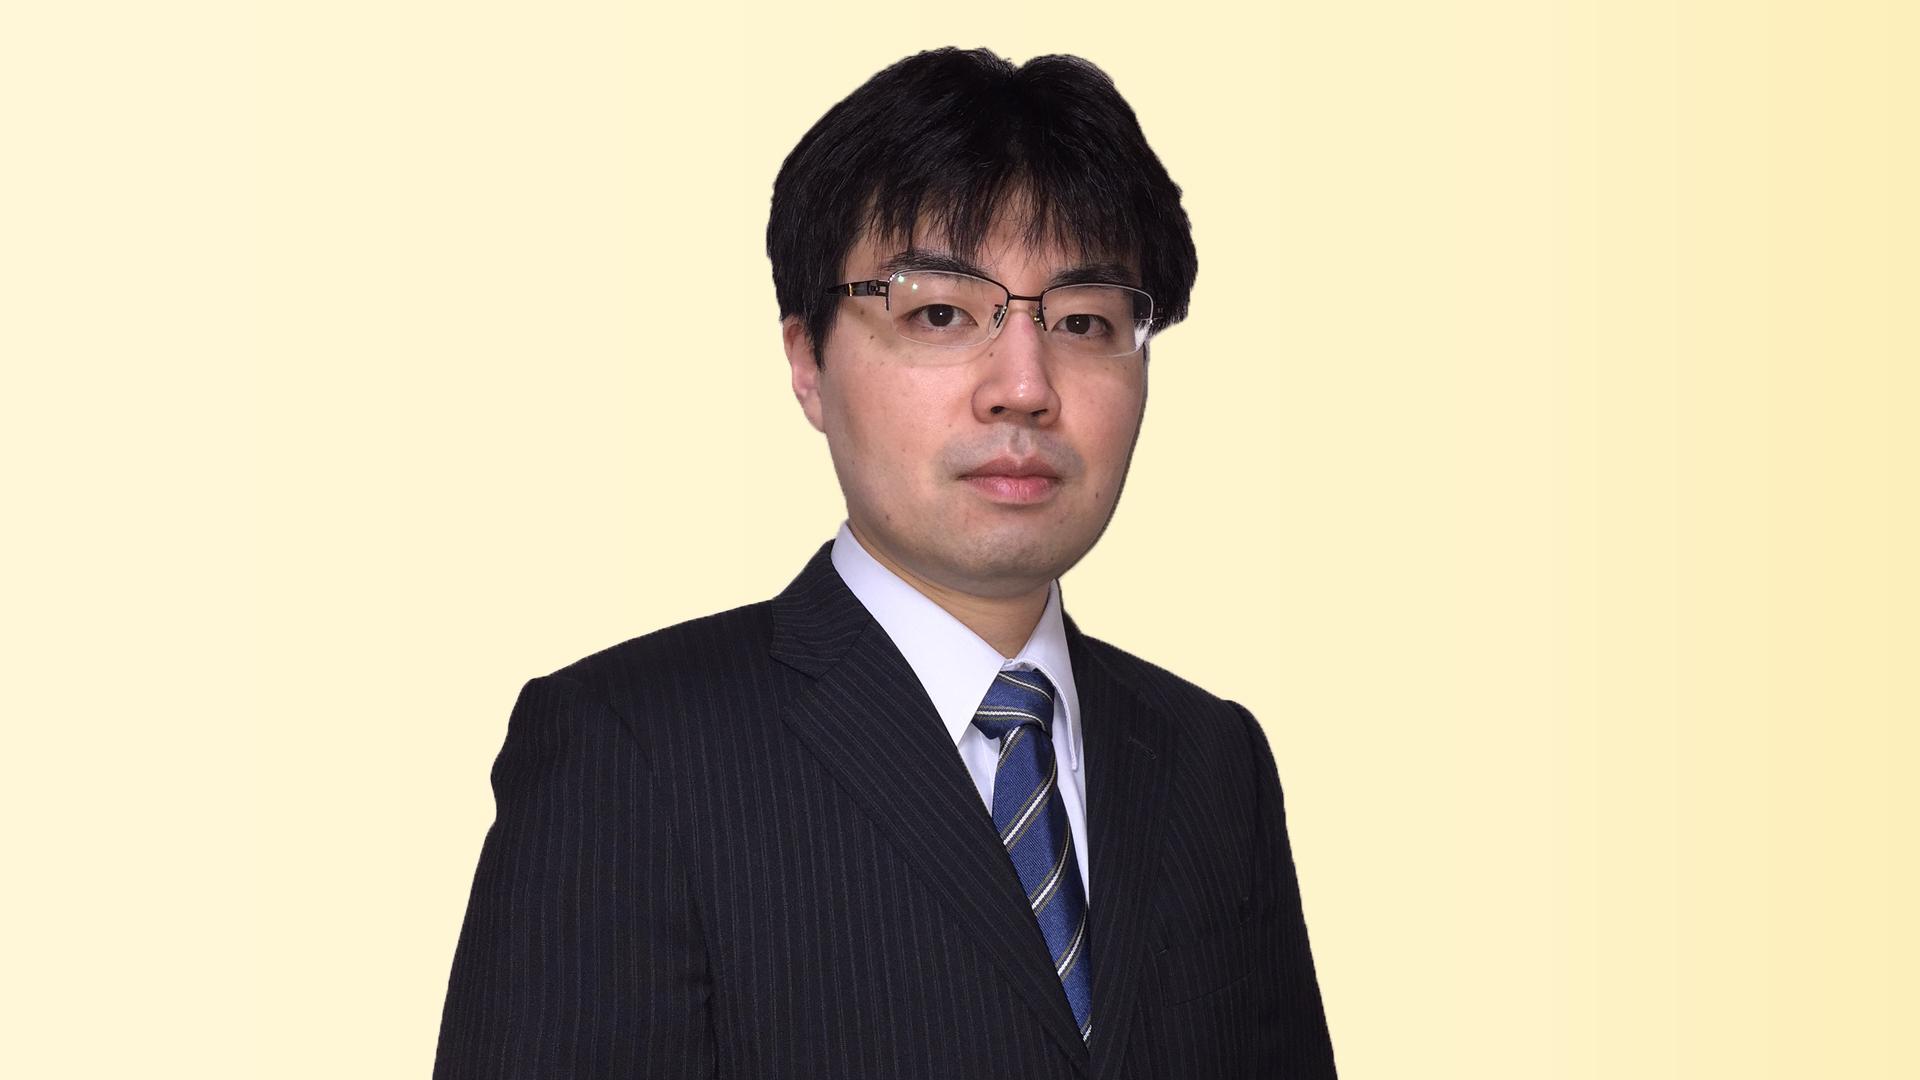 Tomohiro Matsushita